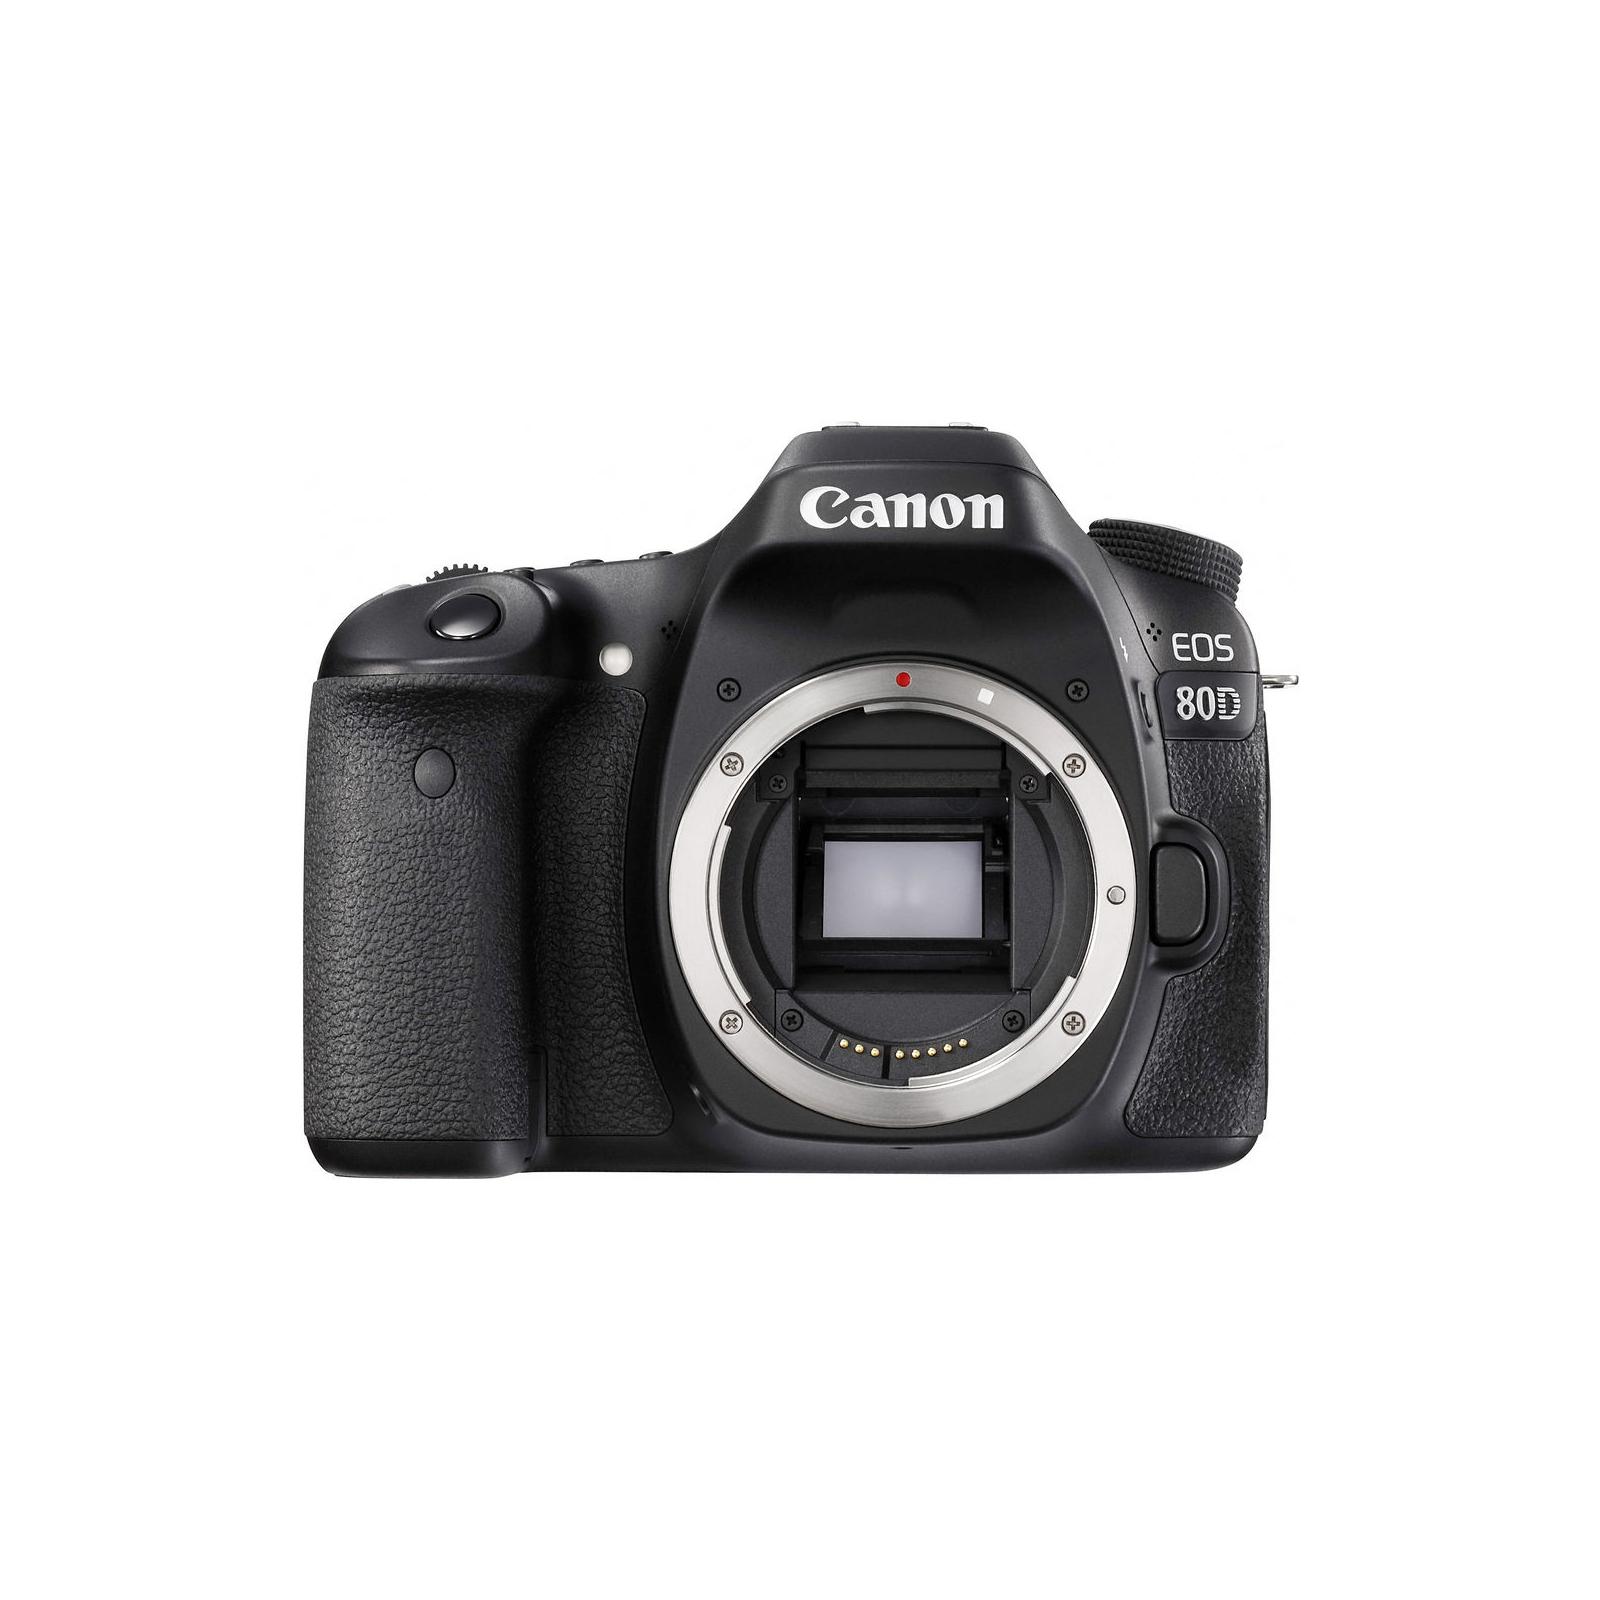 Цифровой фотоаппарат Canon EOS 80D Body (1263C031)